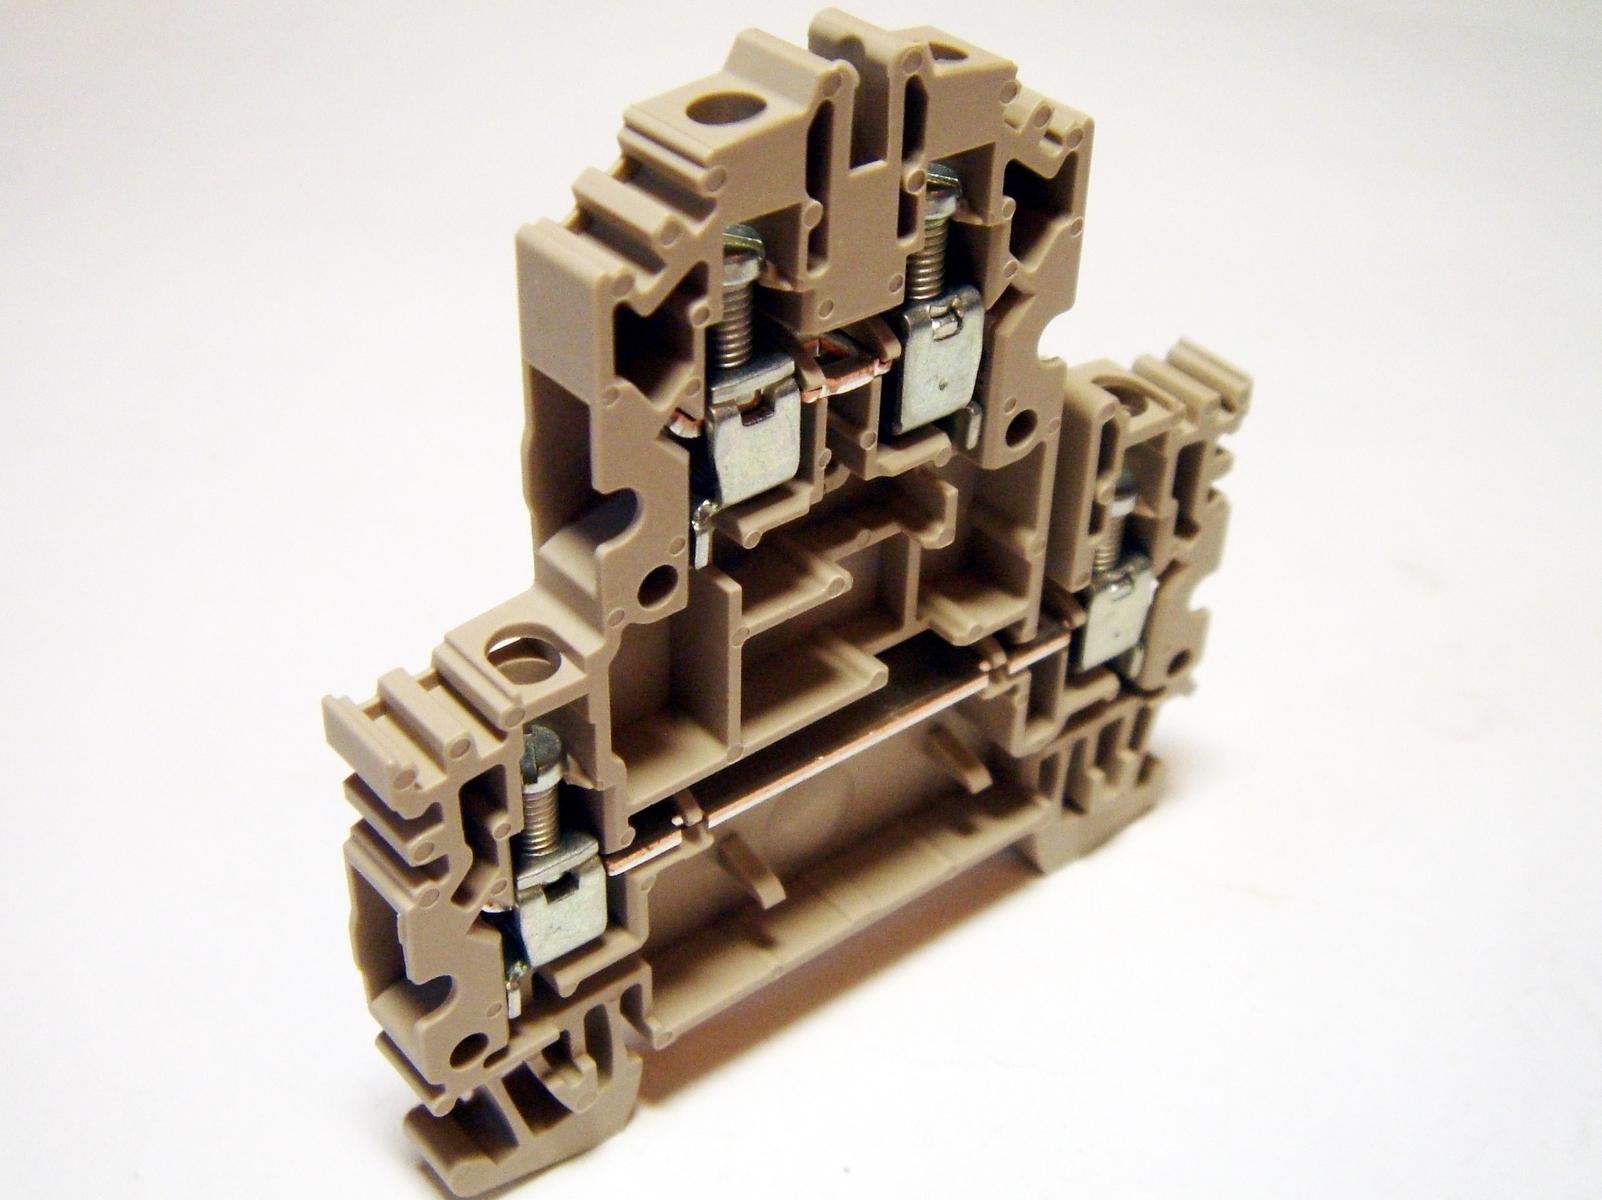 Kahetasandiline klemm 4 mm², hall, Weidmüller, WDK 4N, 1041900000